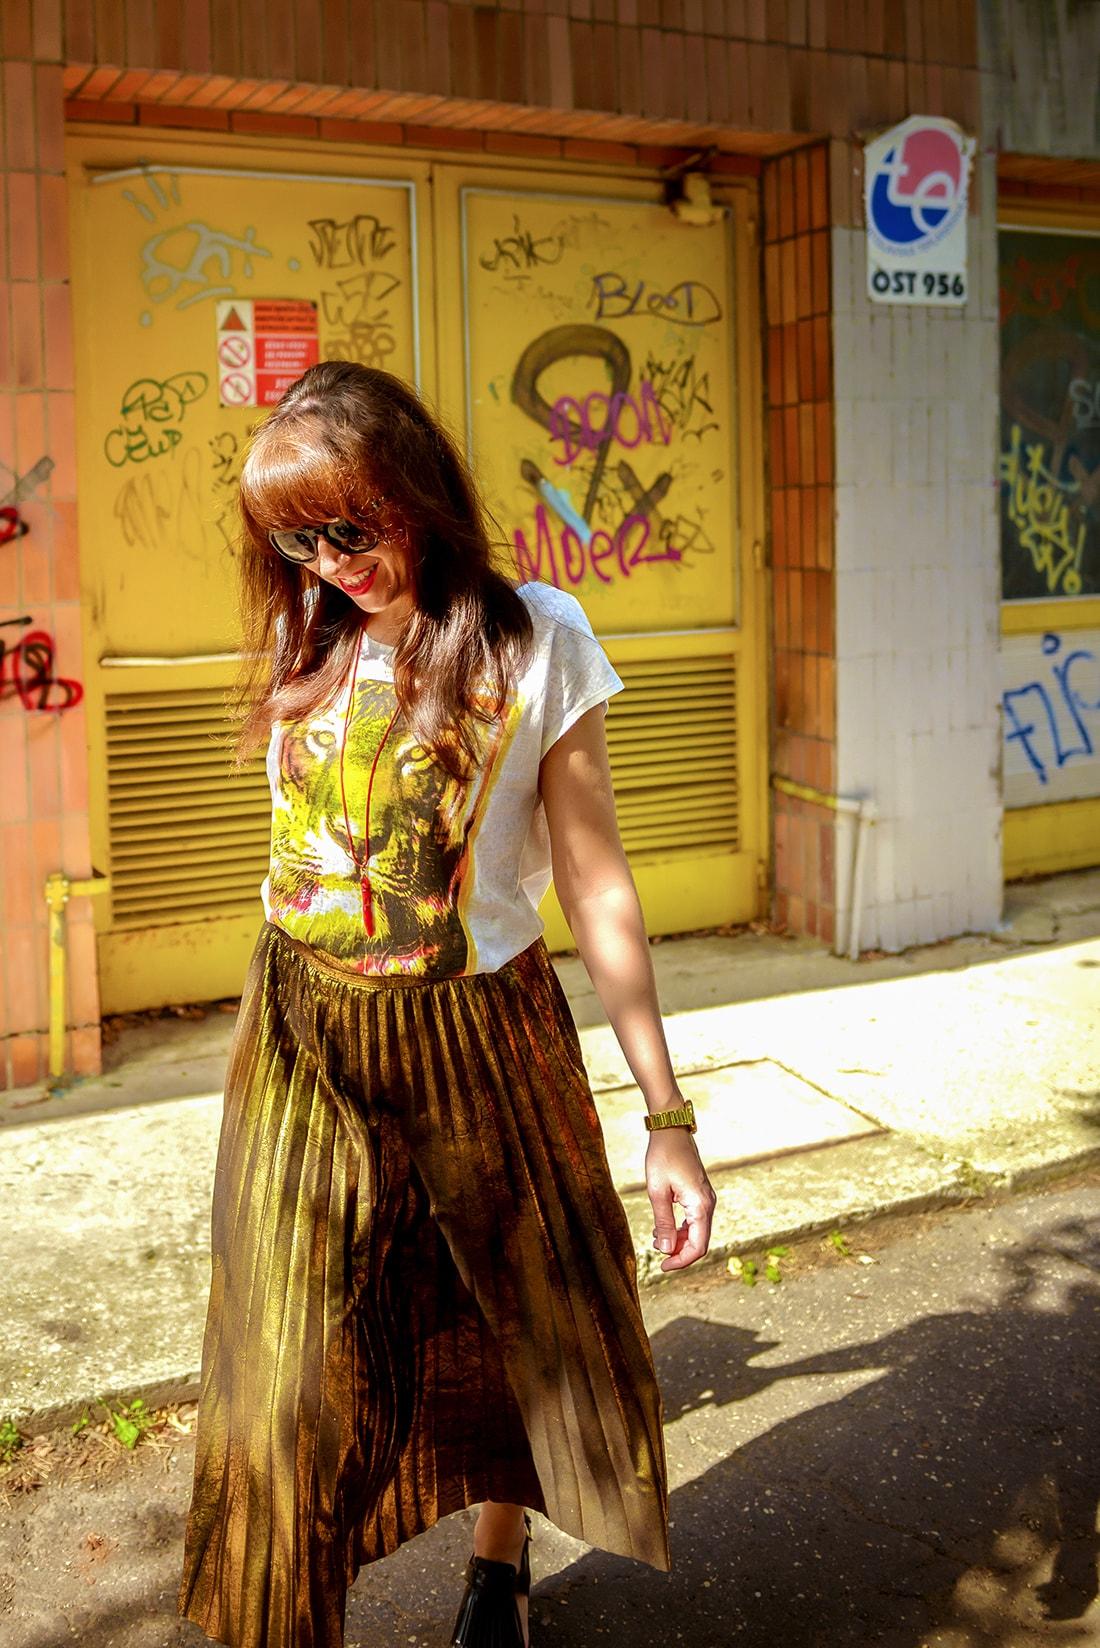 RADOSŤ AJ VĎAKA NÁRAMKOM OD DELTIMO_Katharine-fashion is beautiful_blog 12_Zlatá plisovaná sukňa Zara_Červená kabelka JEJ_Zvierací motív_Katarína Jakubčová_Fashion blogger